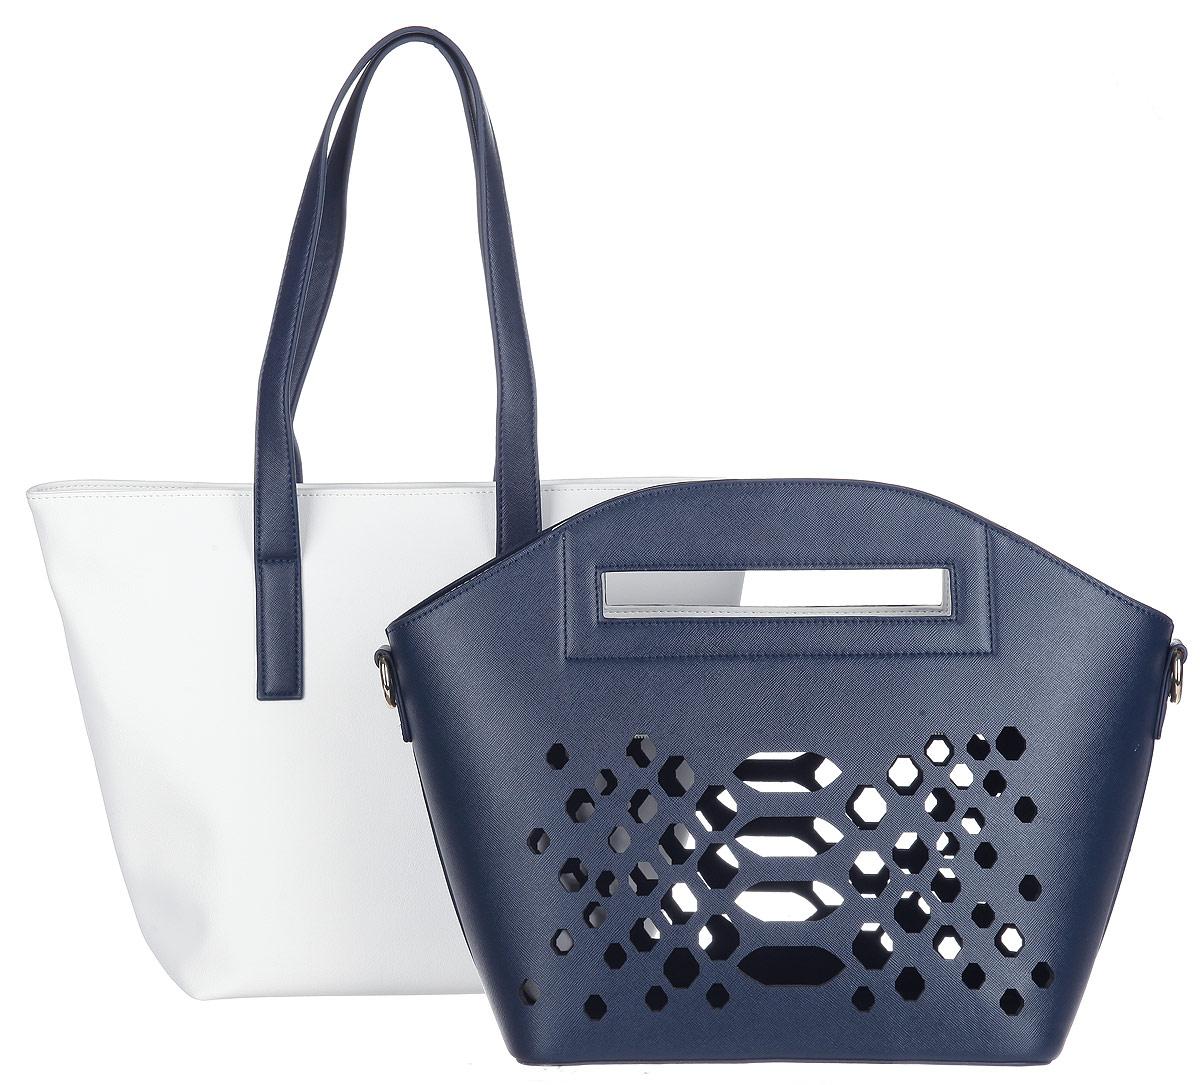 Сумка женская VelVet, цвет: темно-синий, белый. 995-161286-17273298с-1Оригинальная женская сумка VelVet выполнена из искусственной кожи и представляет собой сумку два в одном. Каждую сумку можно использовать как отдельный аксессуар. Внешняя сумка выполнена из плотной кожи с тиснением под сафьян и без подкладки, оформлена фигурной вырубкой и застегивается на пластиковую молнию. Вторая сумка изготовлена из кожи с зернистой фактурой и застегивается на молнию. Внутри врезной карман на молнии и два нашивных кармана для телефона и мелочей. Удобные удлиненные ручки позволяют носить сумку не только в руках, но и на плече.Сумка оснащена съемным плечевым ремнем, регулируемой длины.Прилагается фирменный текстильный чехол для хранения.Сумка - это стильный аксессуар, который сделает ваш образ изысканным и завершенным.